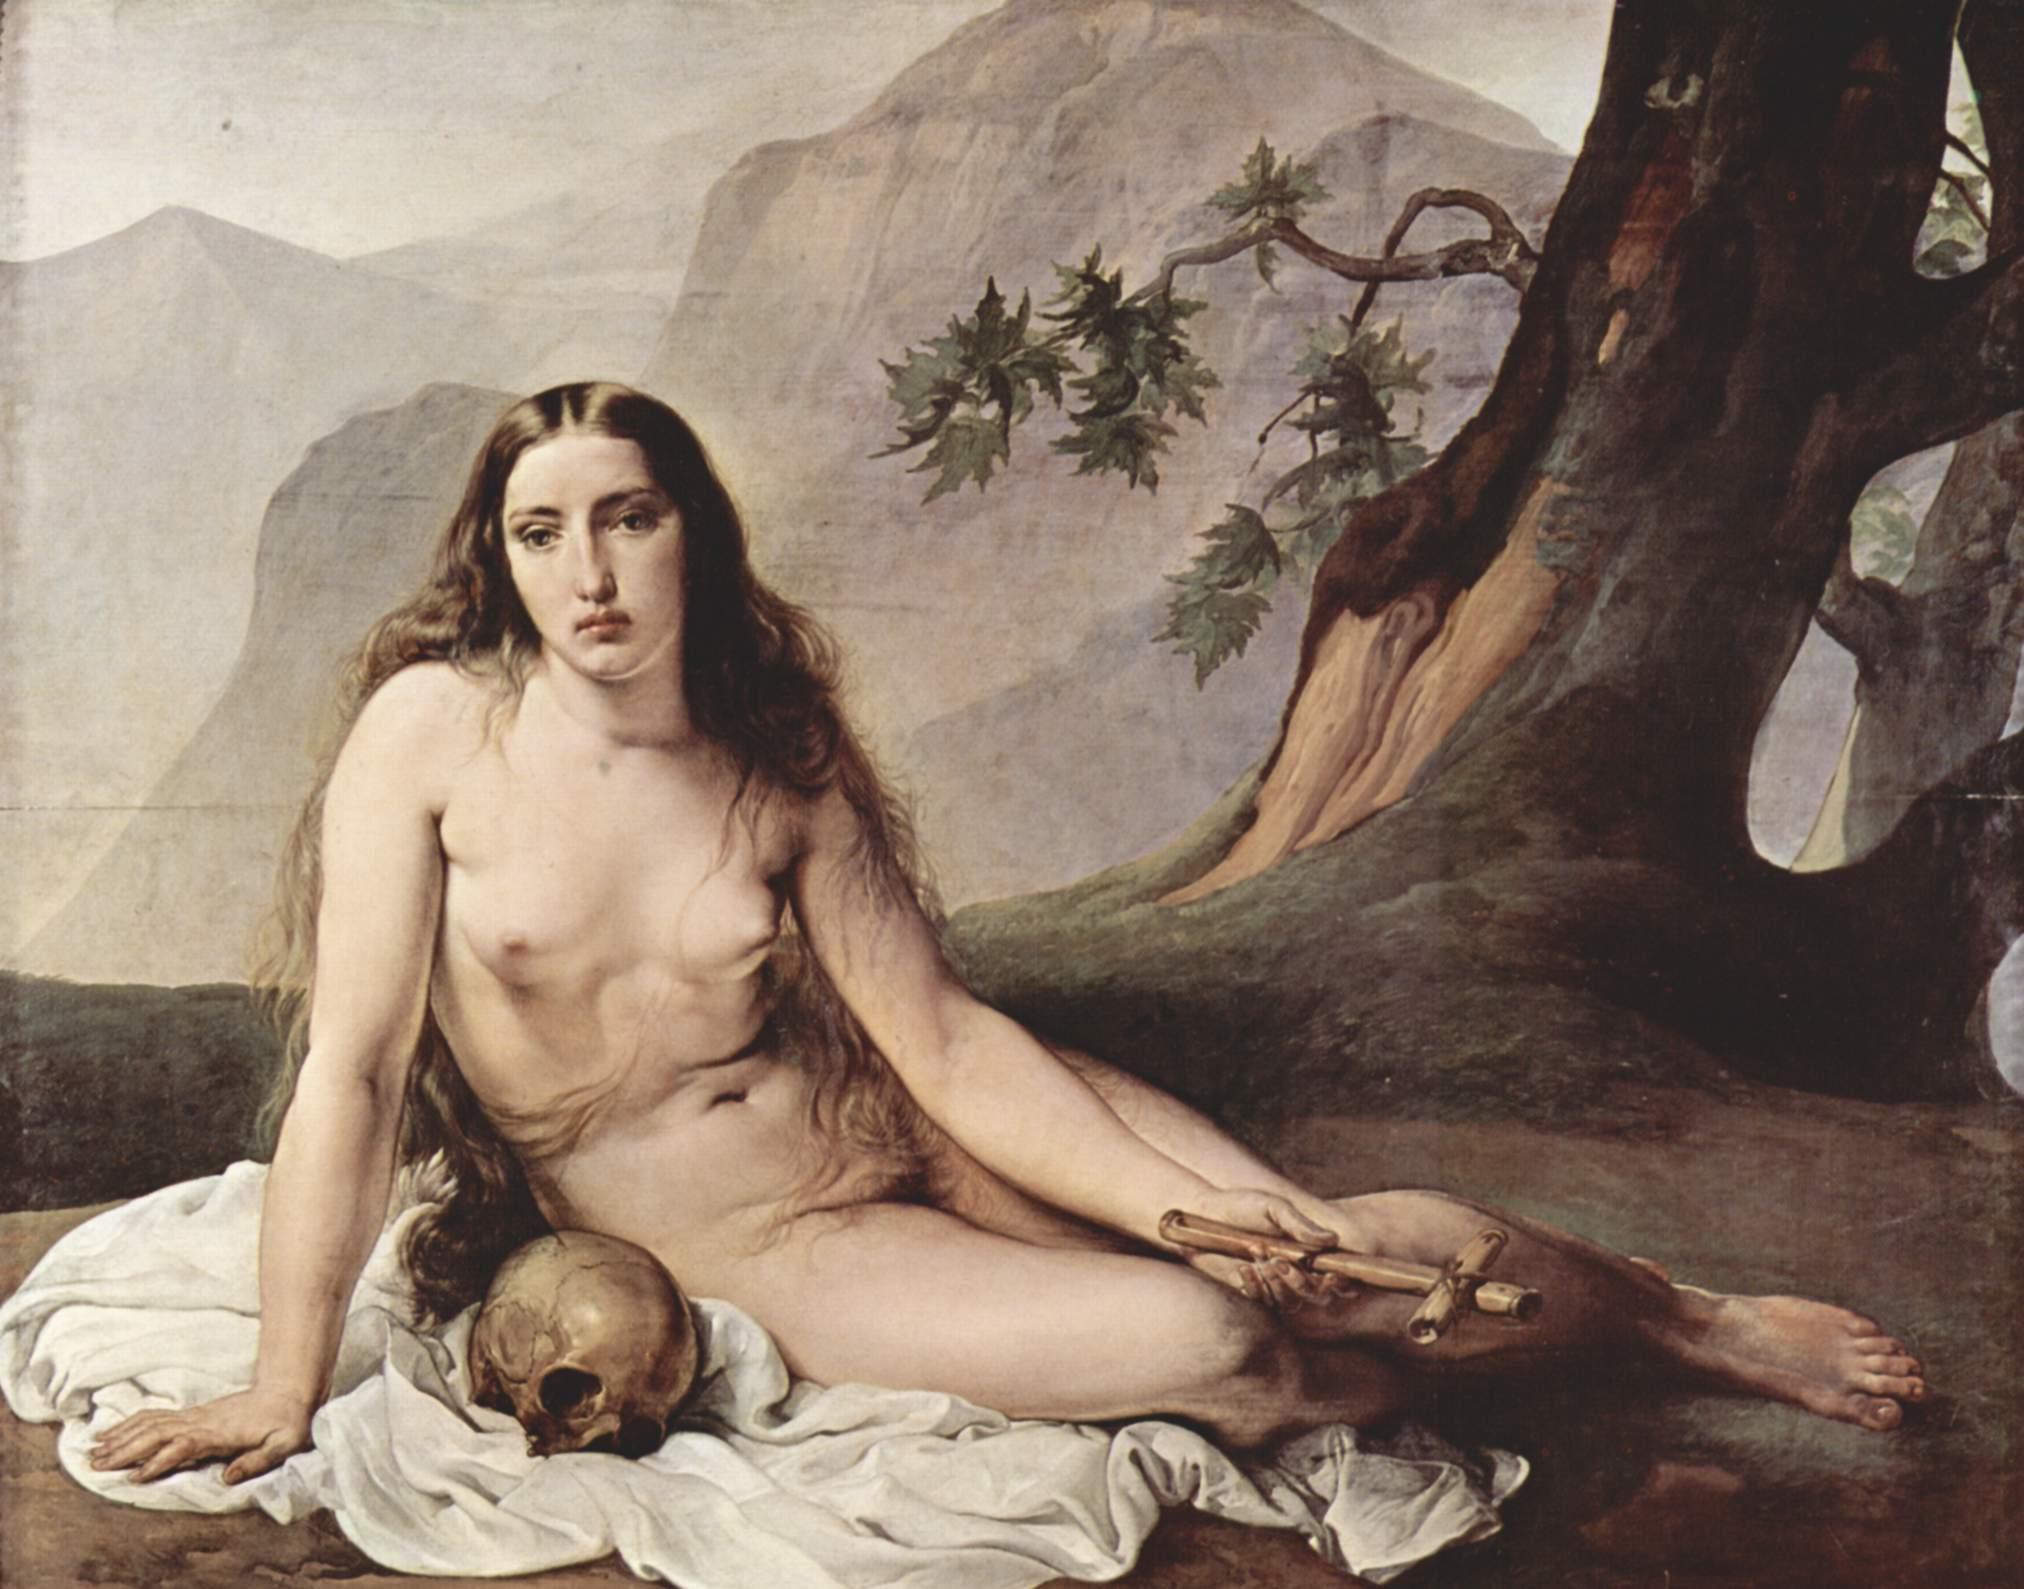 Mujeres desnudas en el st bourbon